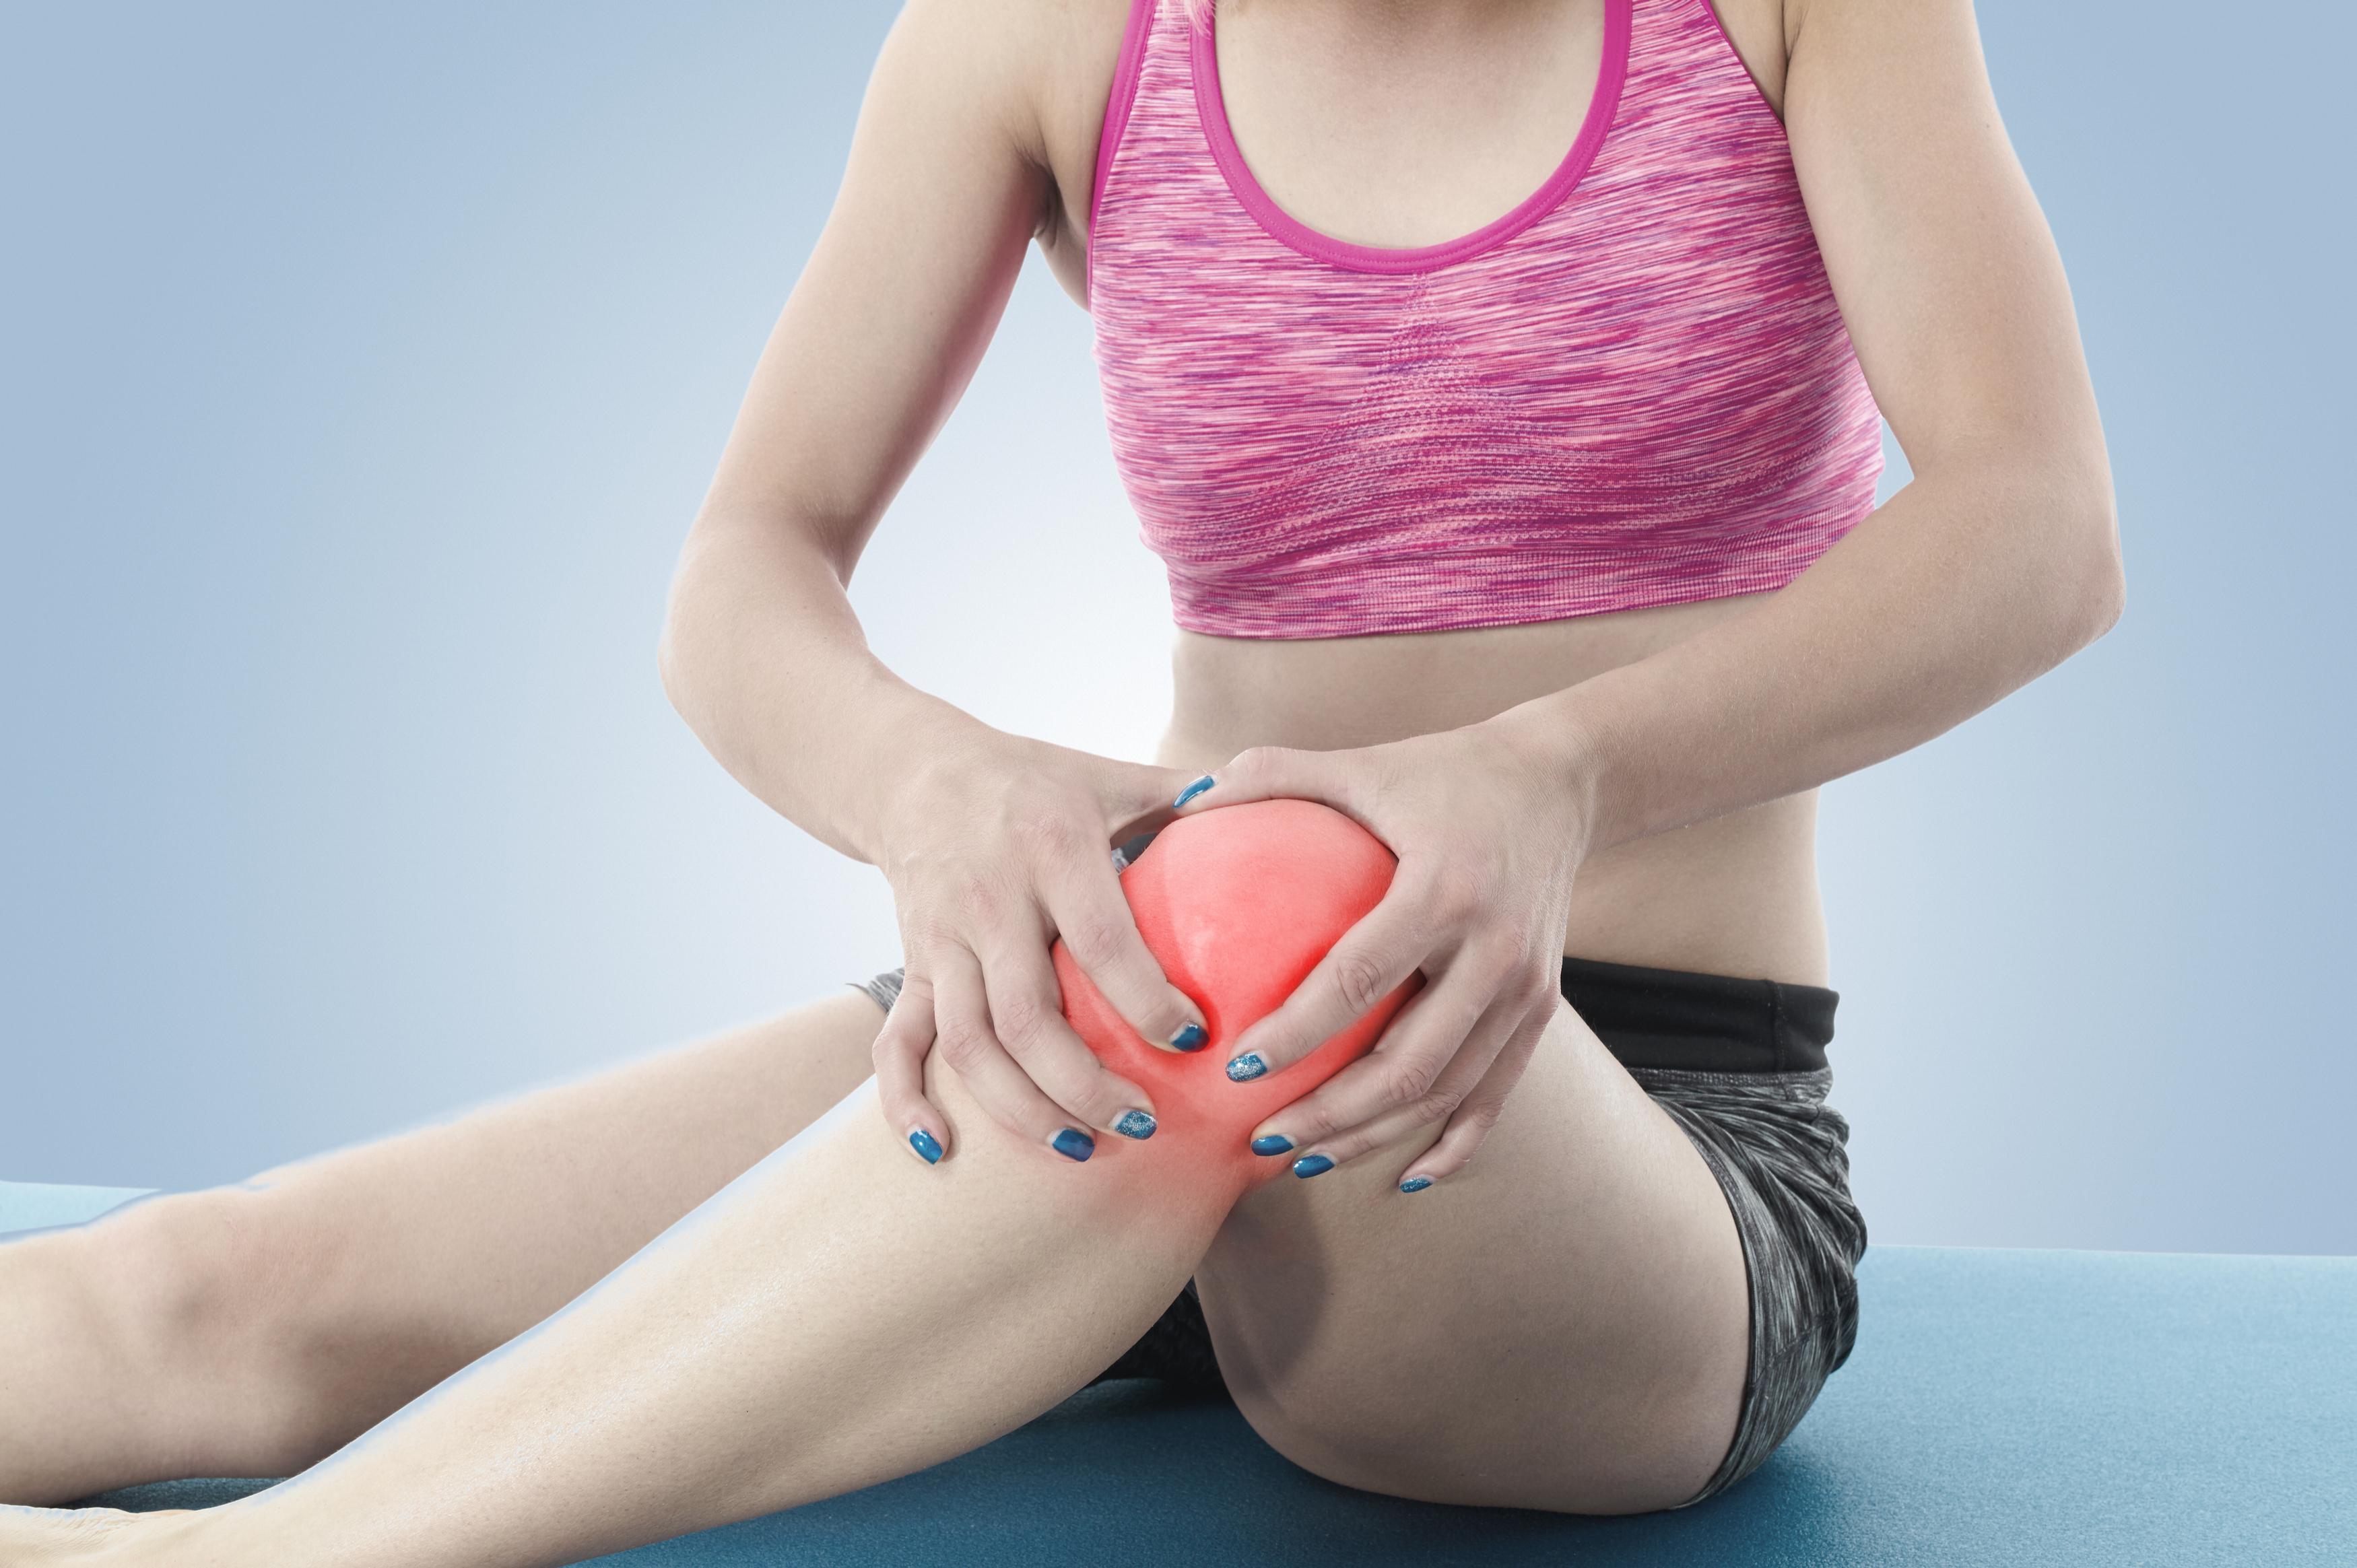 preparat geladrink pentru articulații ce este artrita articulațiilor degetelor